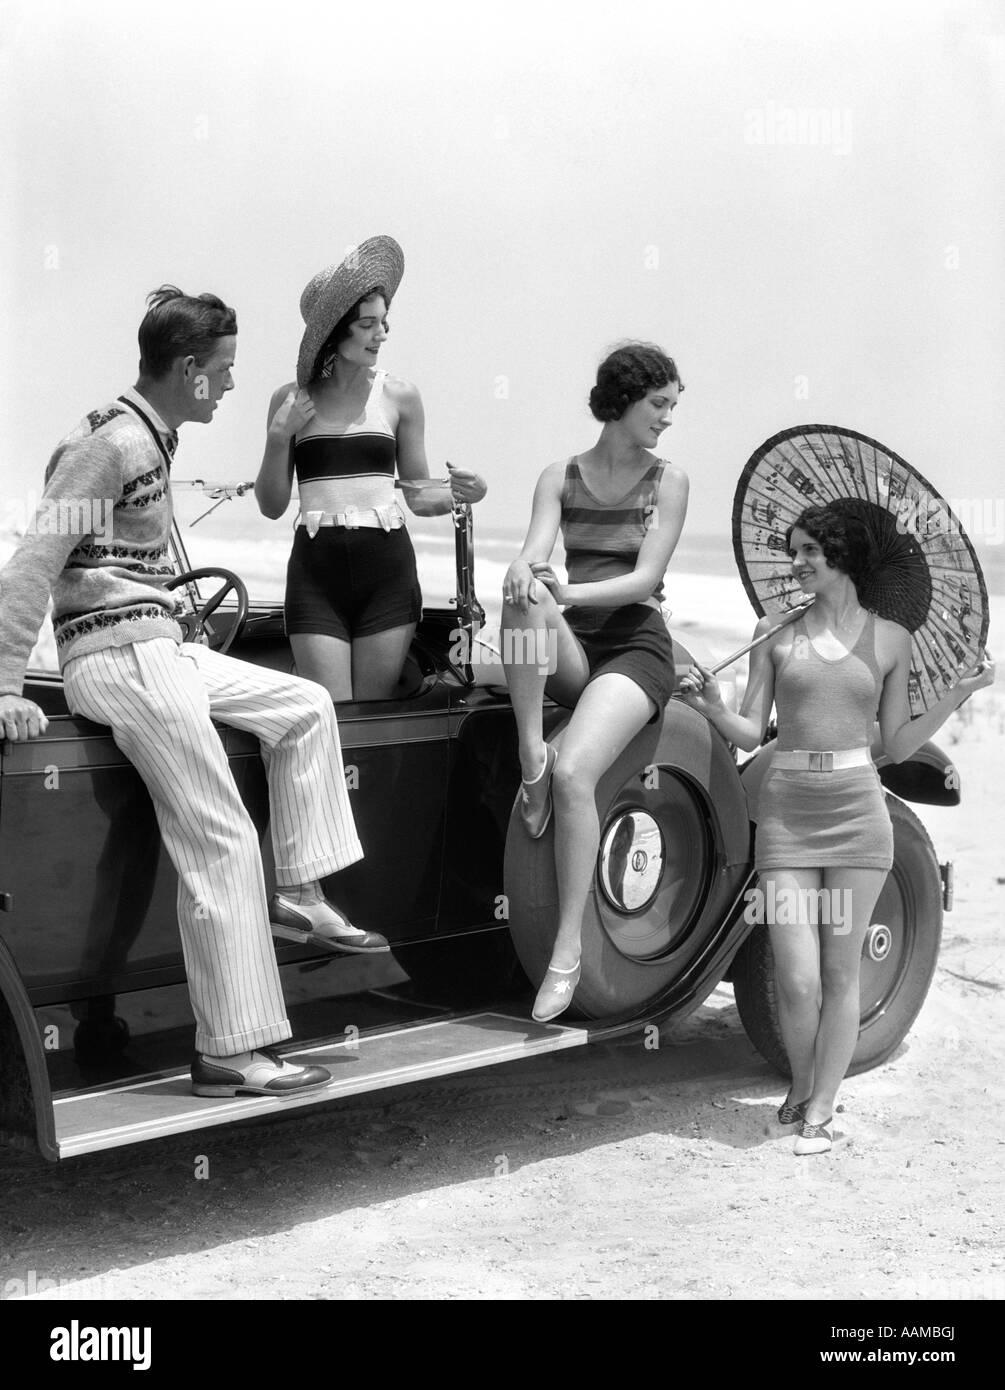 Années 1920 Années 1930 L'HOMME ET TROIS FEMMES EN VÊTEMENTS DE PLAGE OU DE MAILLOTS DE BAIN Photo Stock